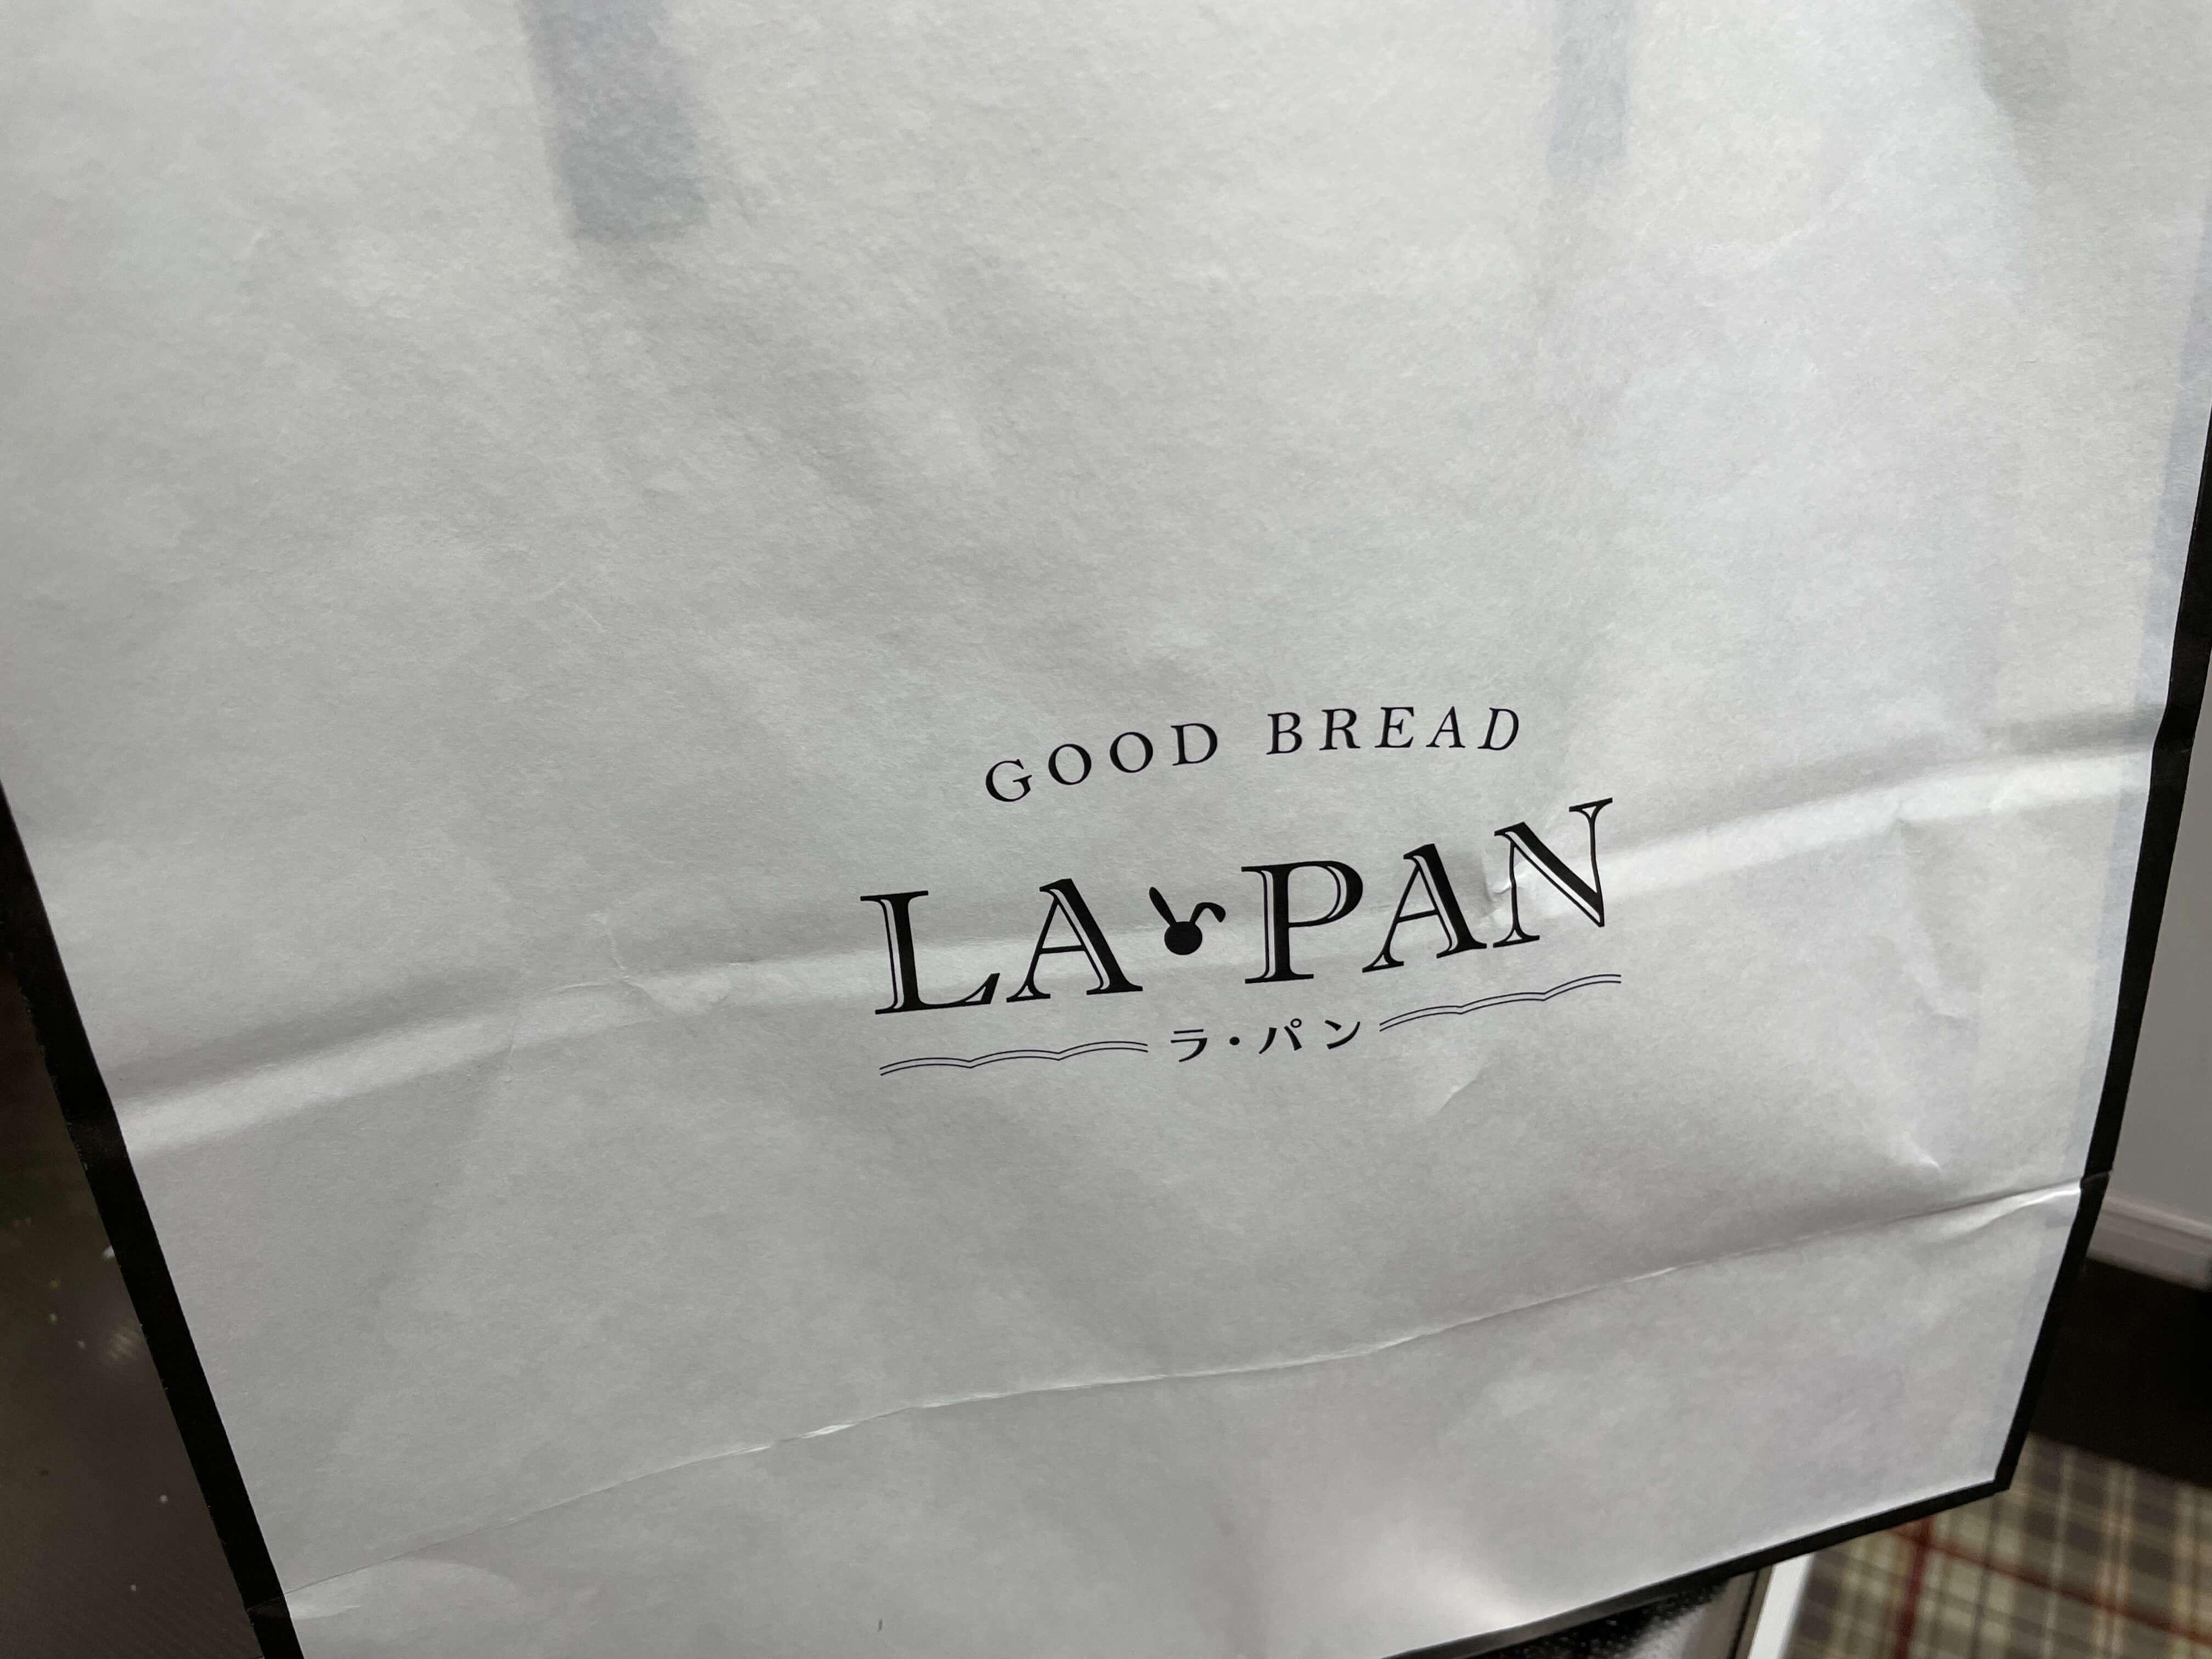 LA PAN Sサイズ@自由が丘